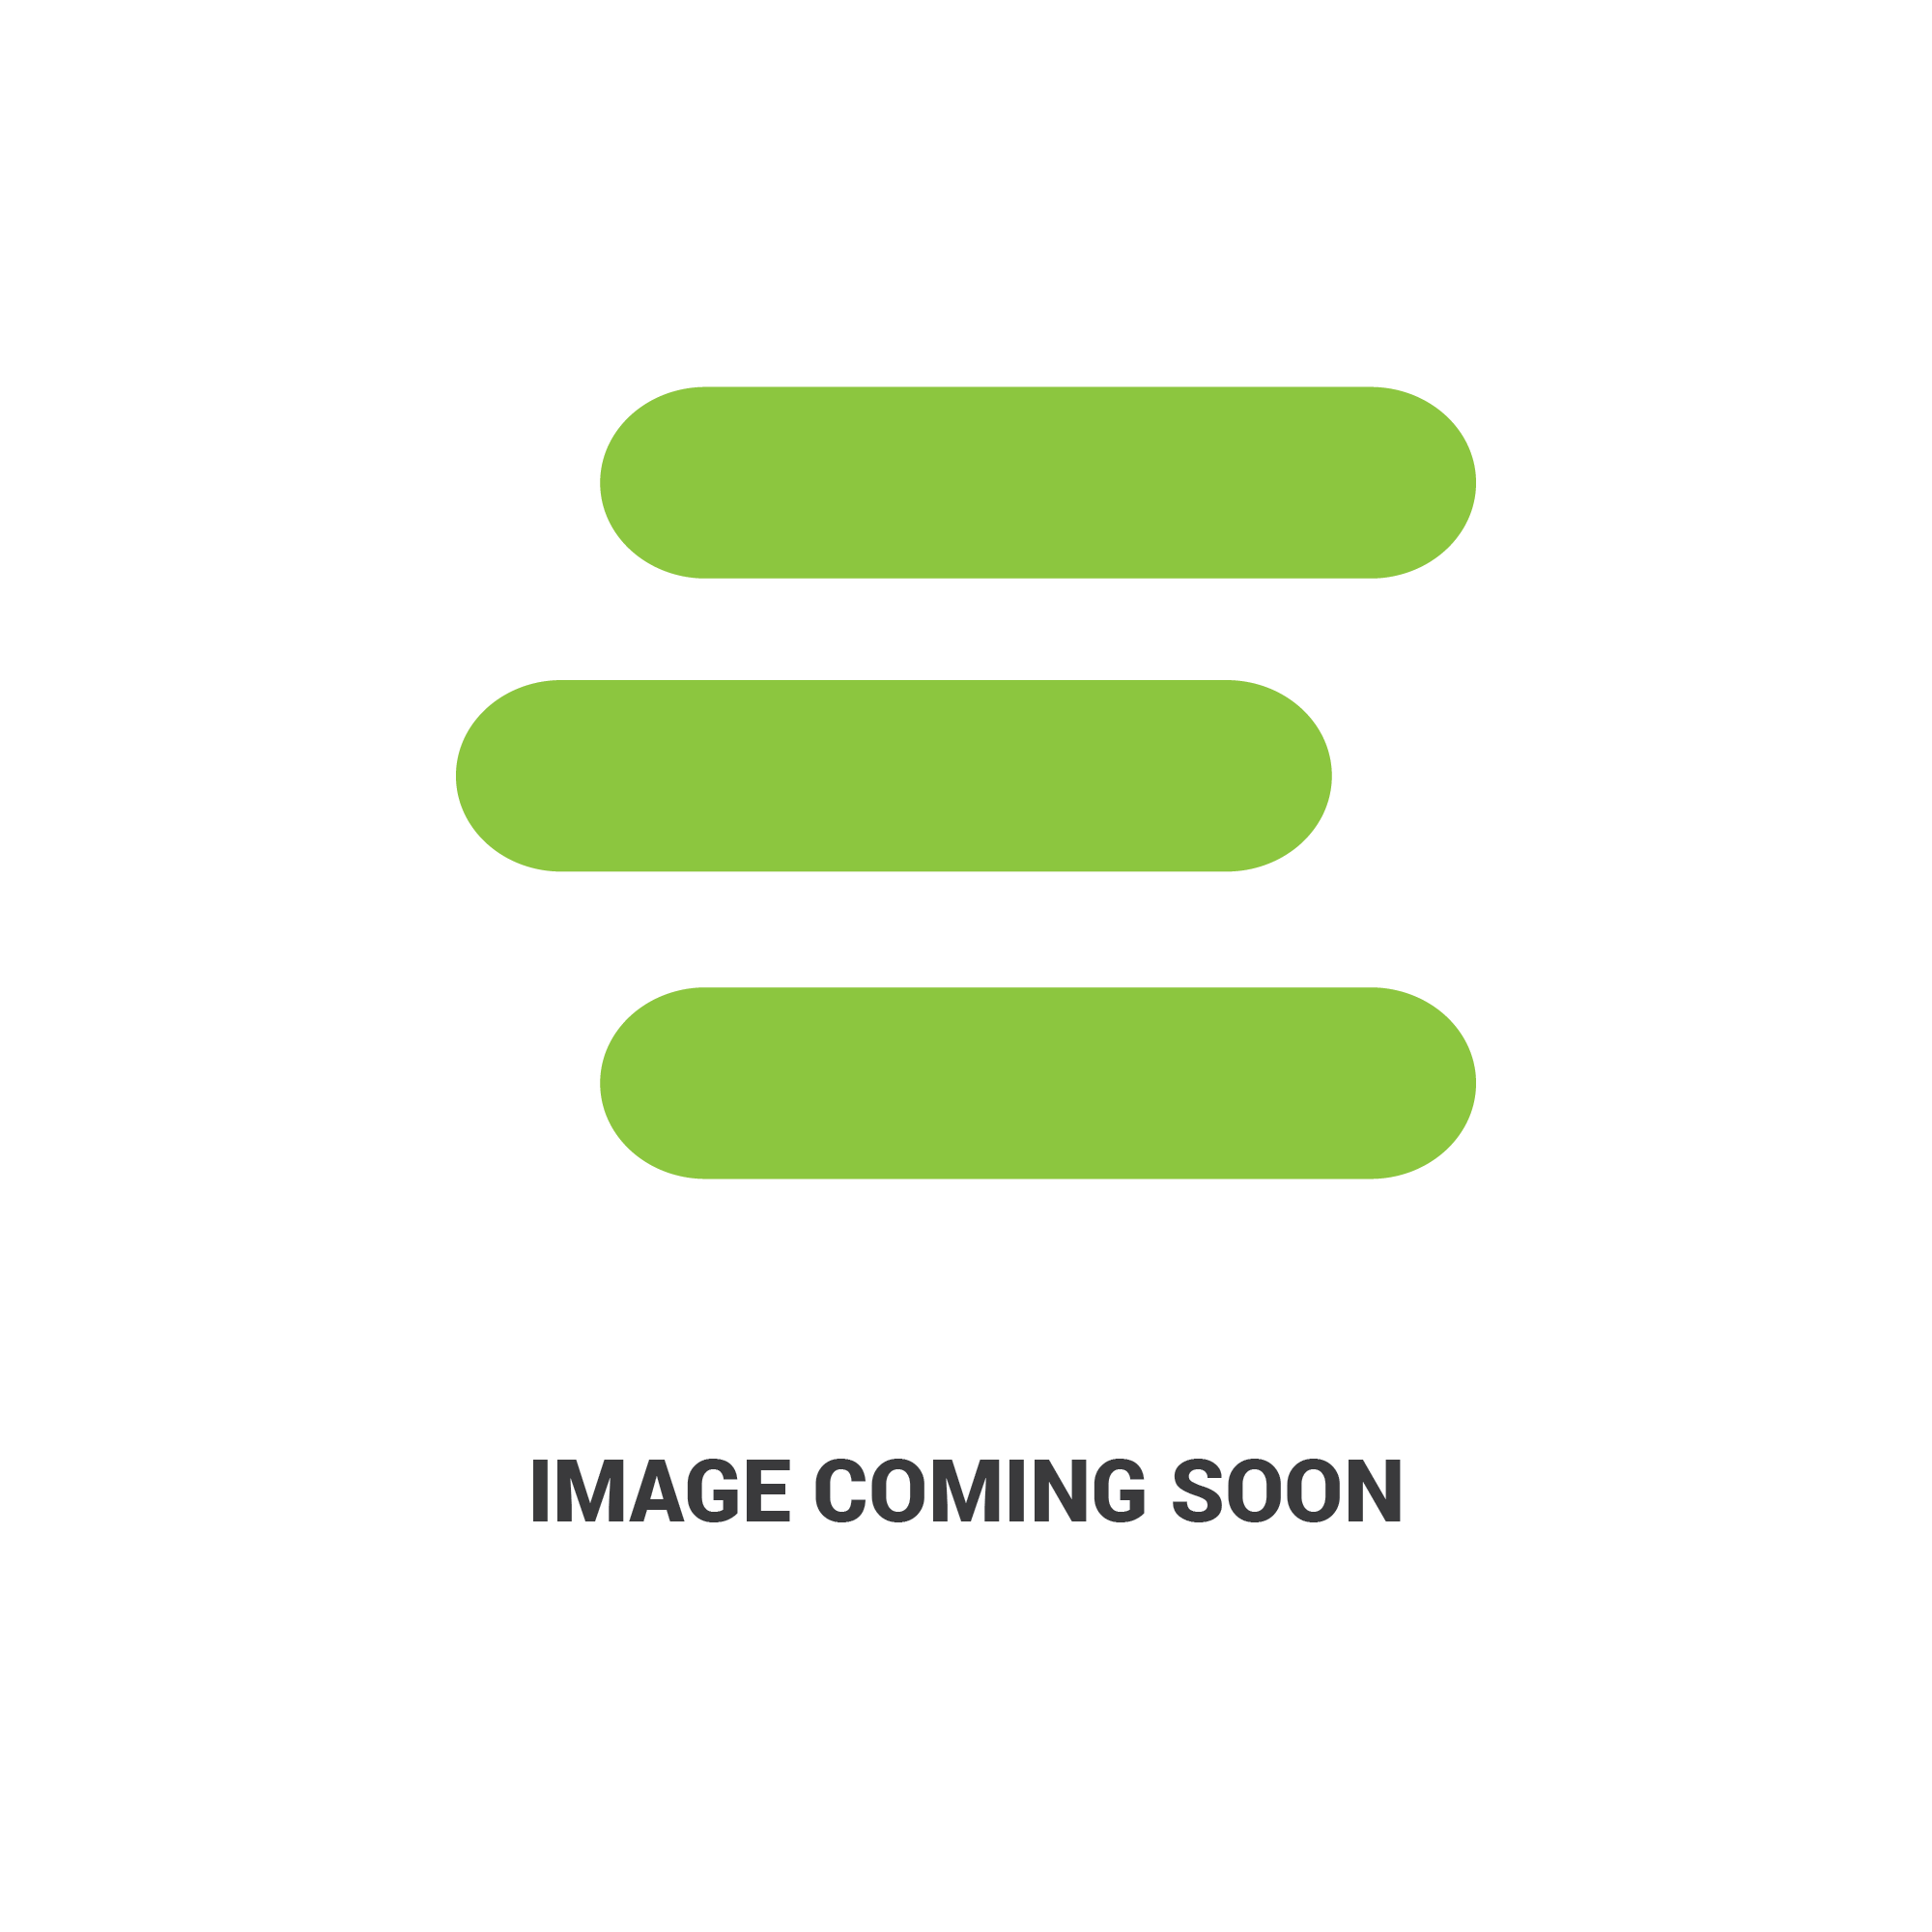 E-AL174358edit 1162.jpg